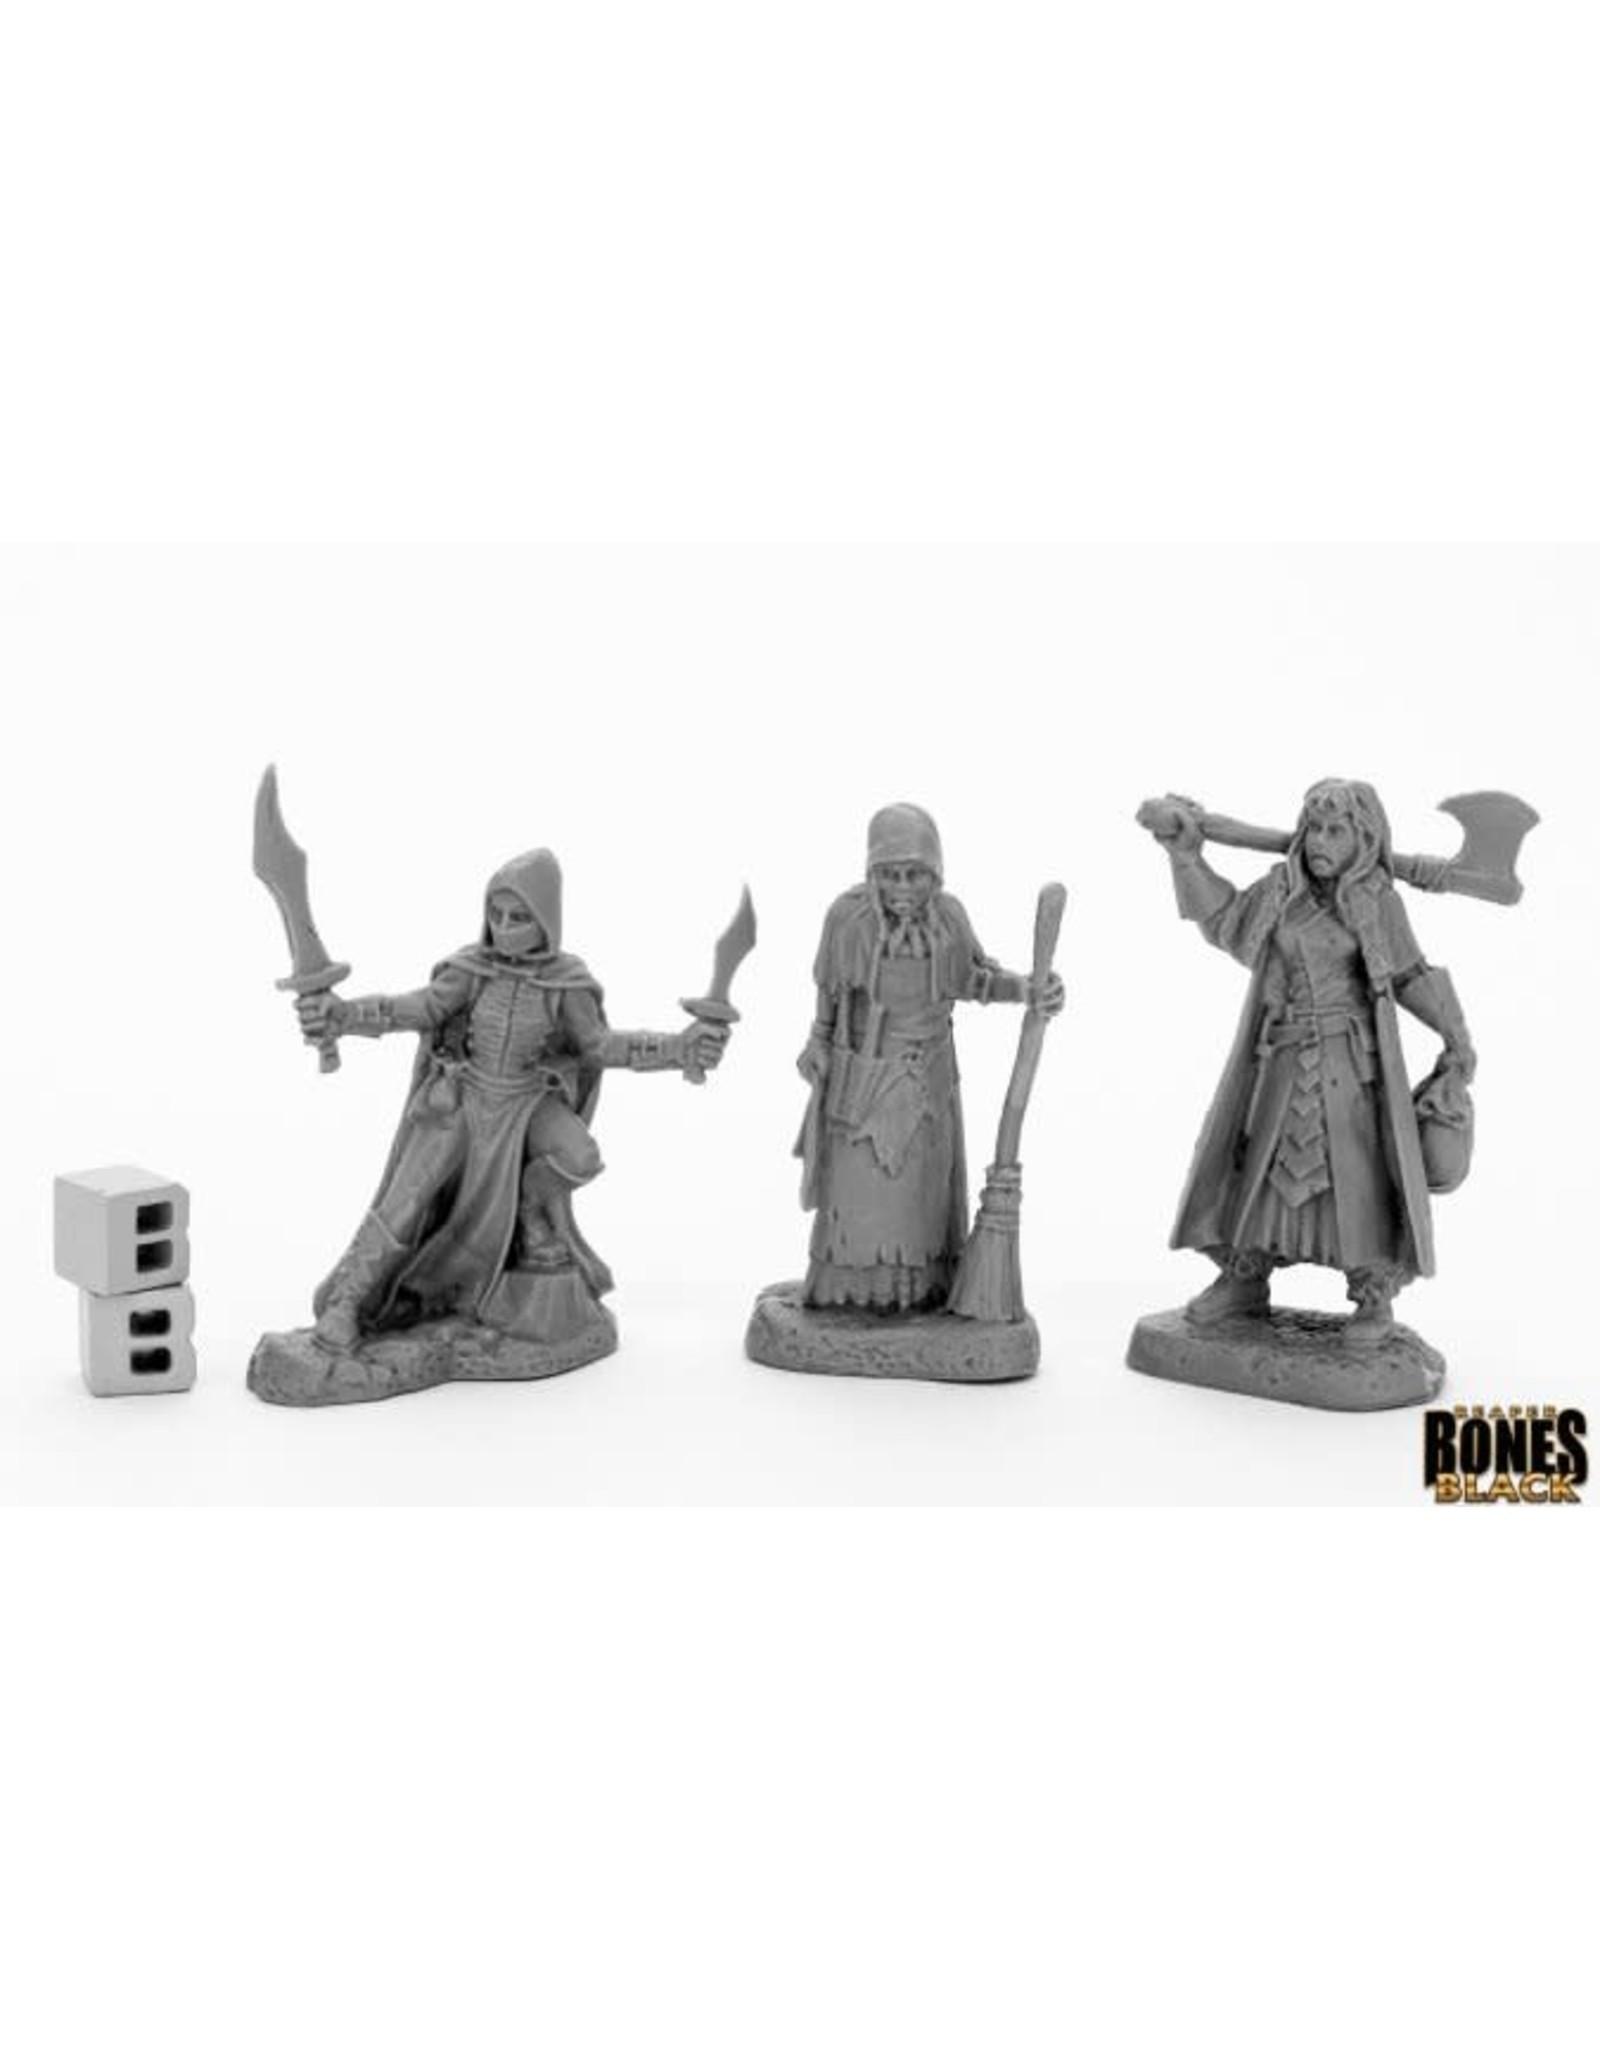 Reaper Miniatures Bones Black: Women of Dreadmere